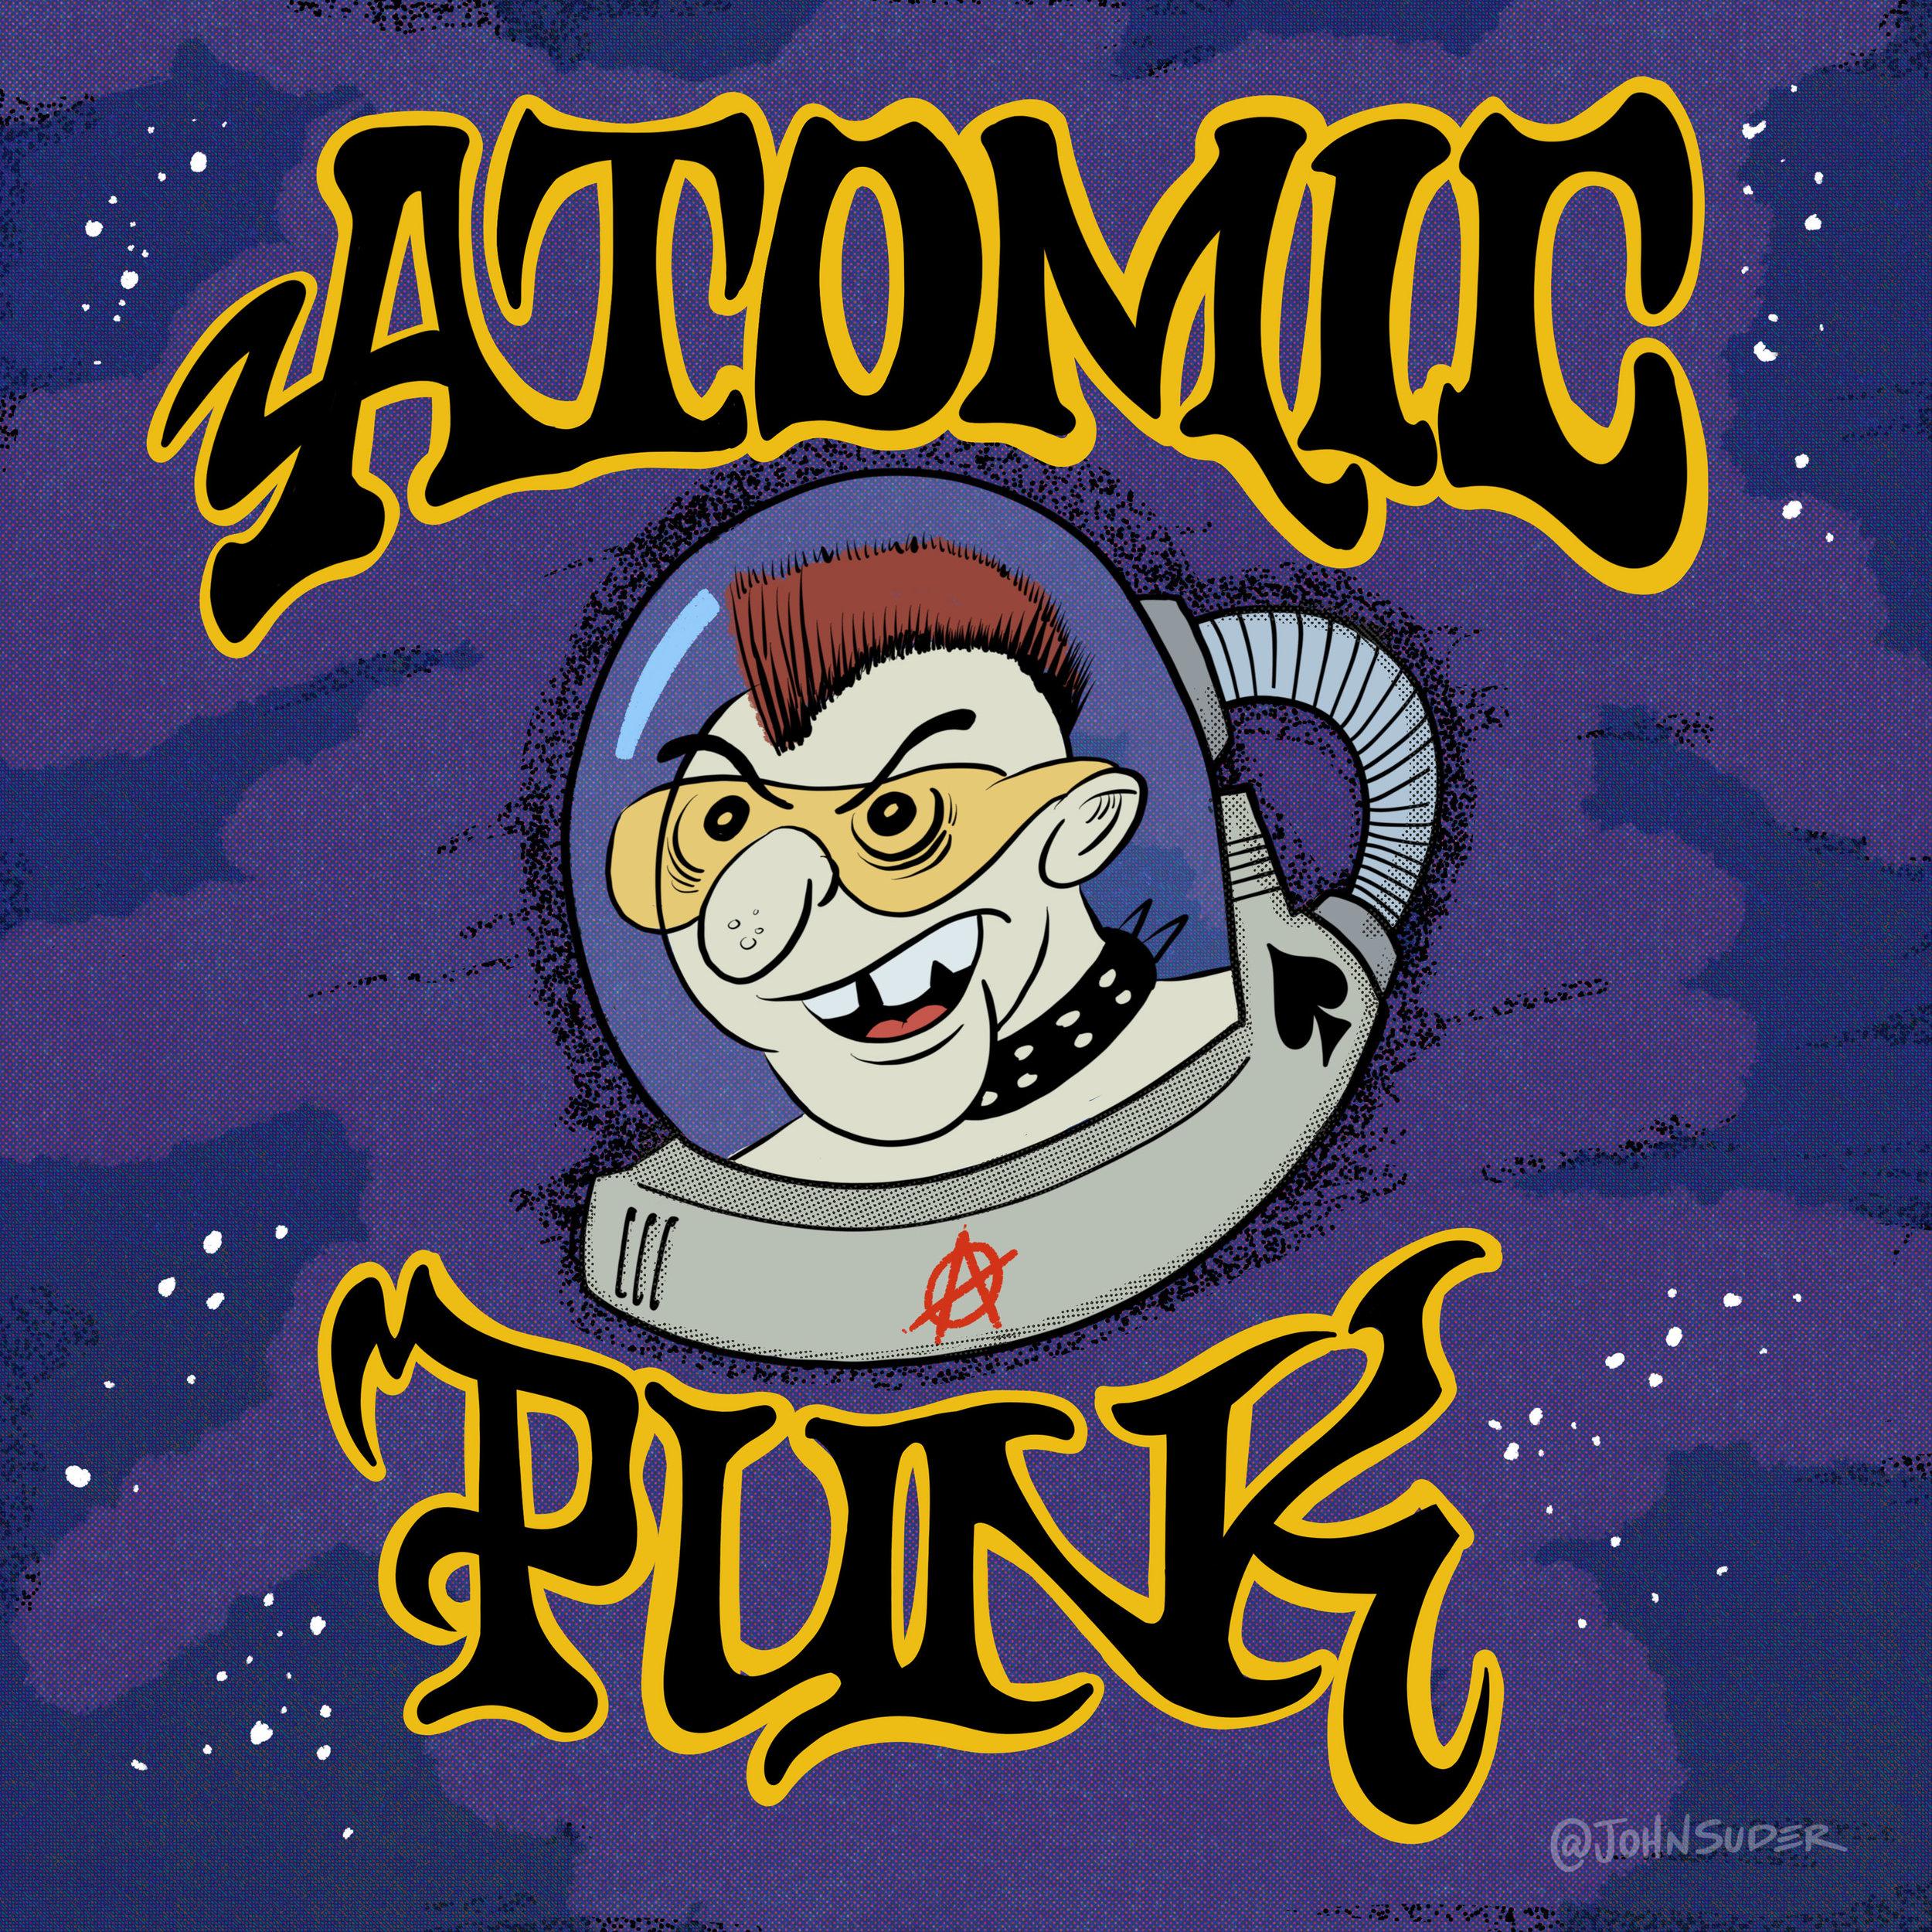 atomic-punk-by-john-suder.jpg.jpg